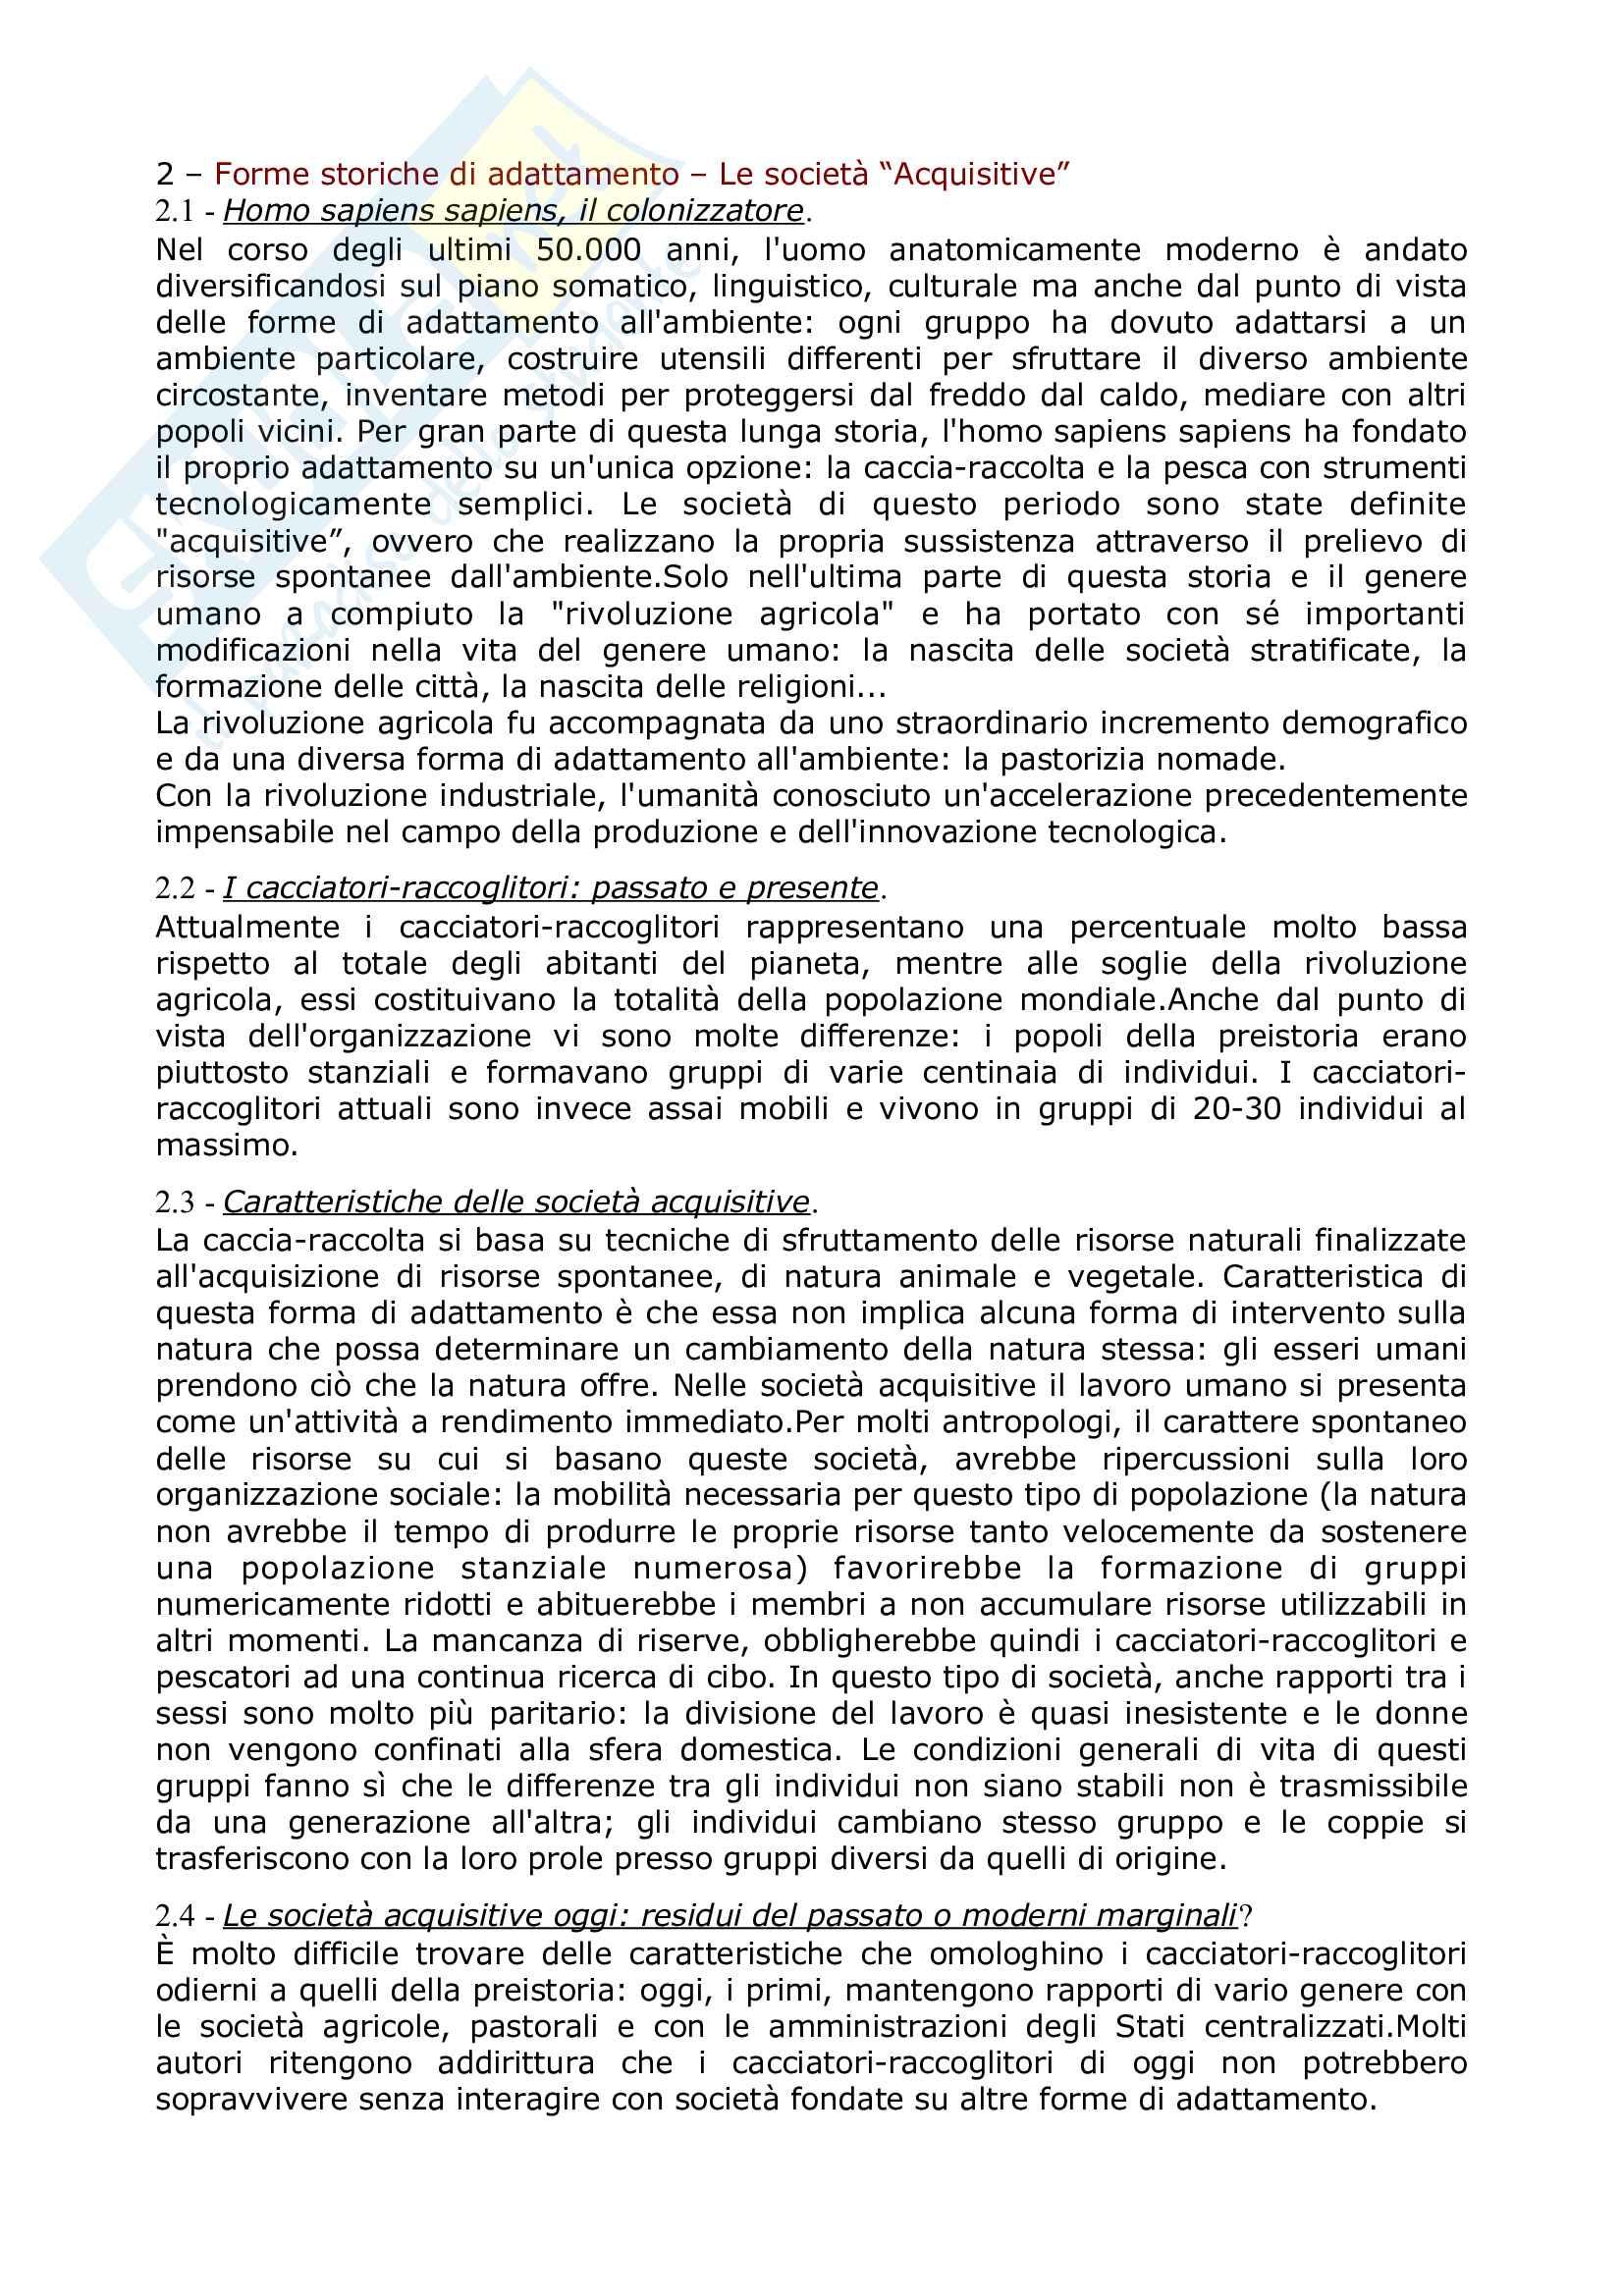 Riassunto esame Antropologia culturale, prof Natali, libro consigliato Elementi di antropologia Culturale, Fabietti Pag. 11